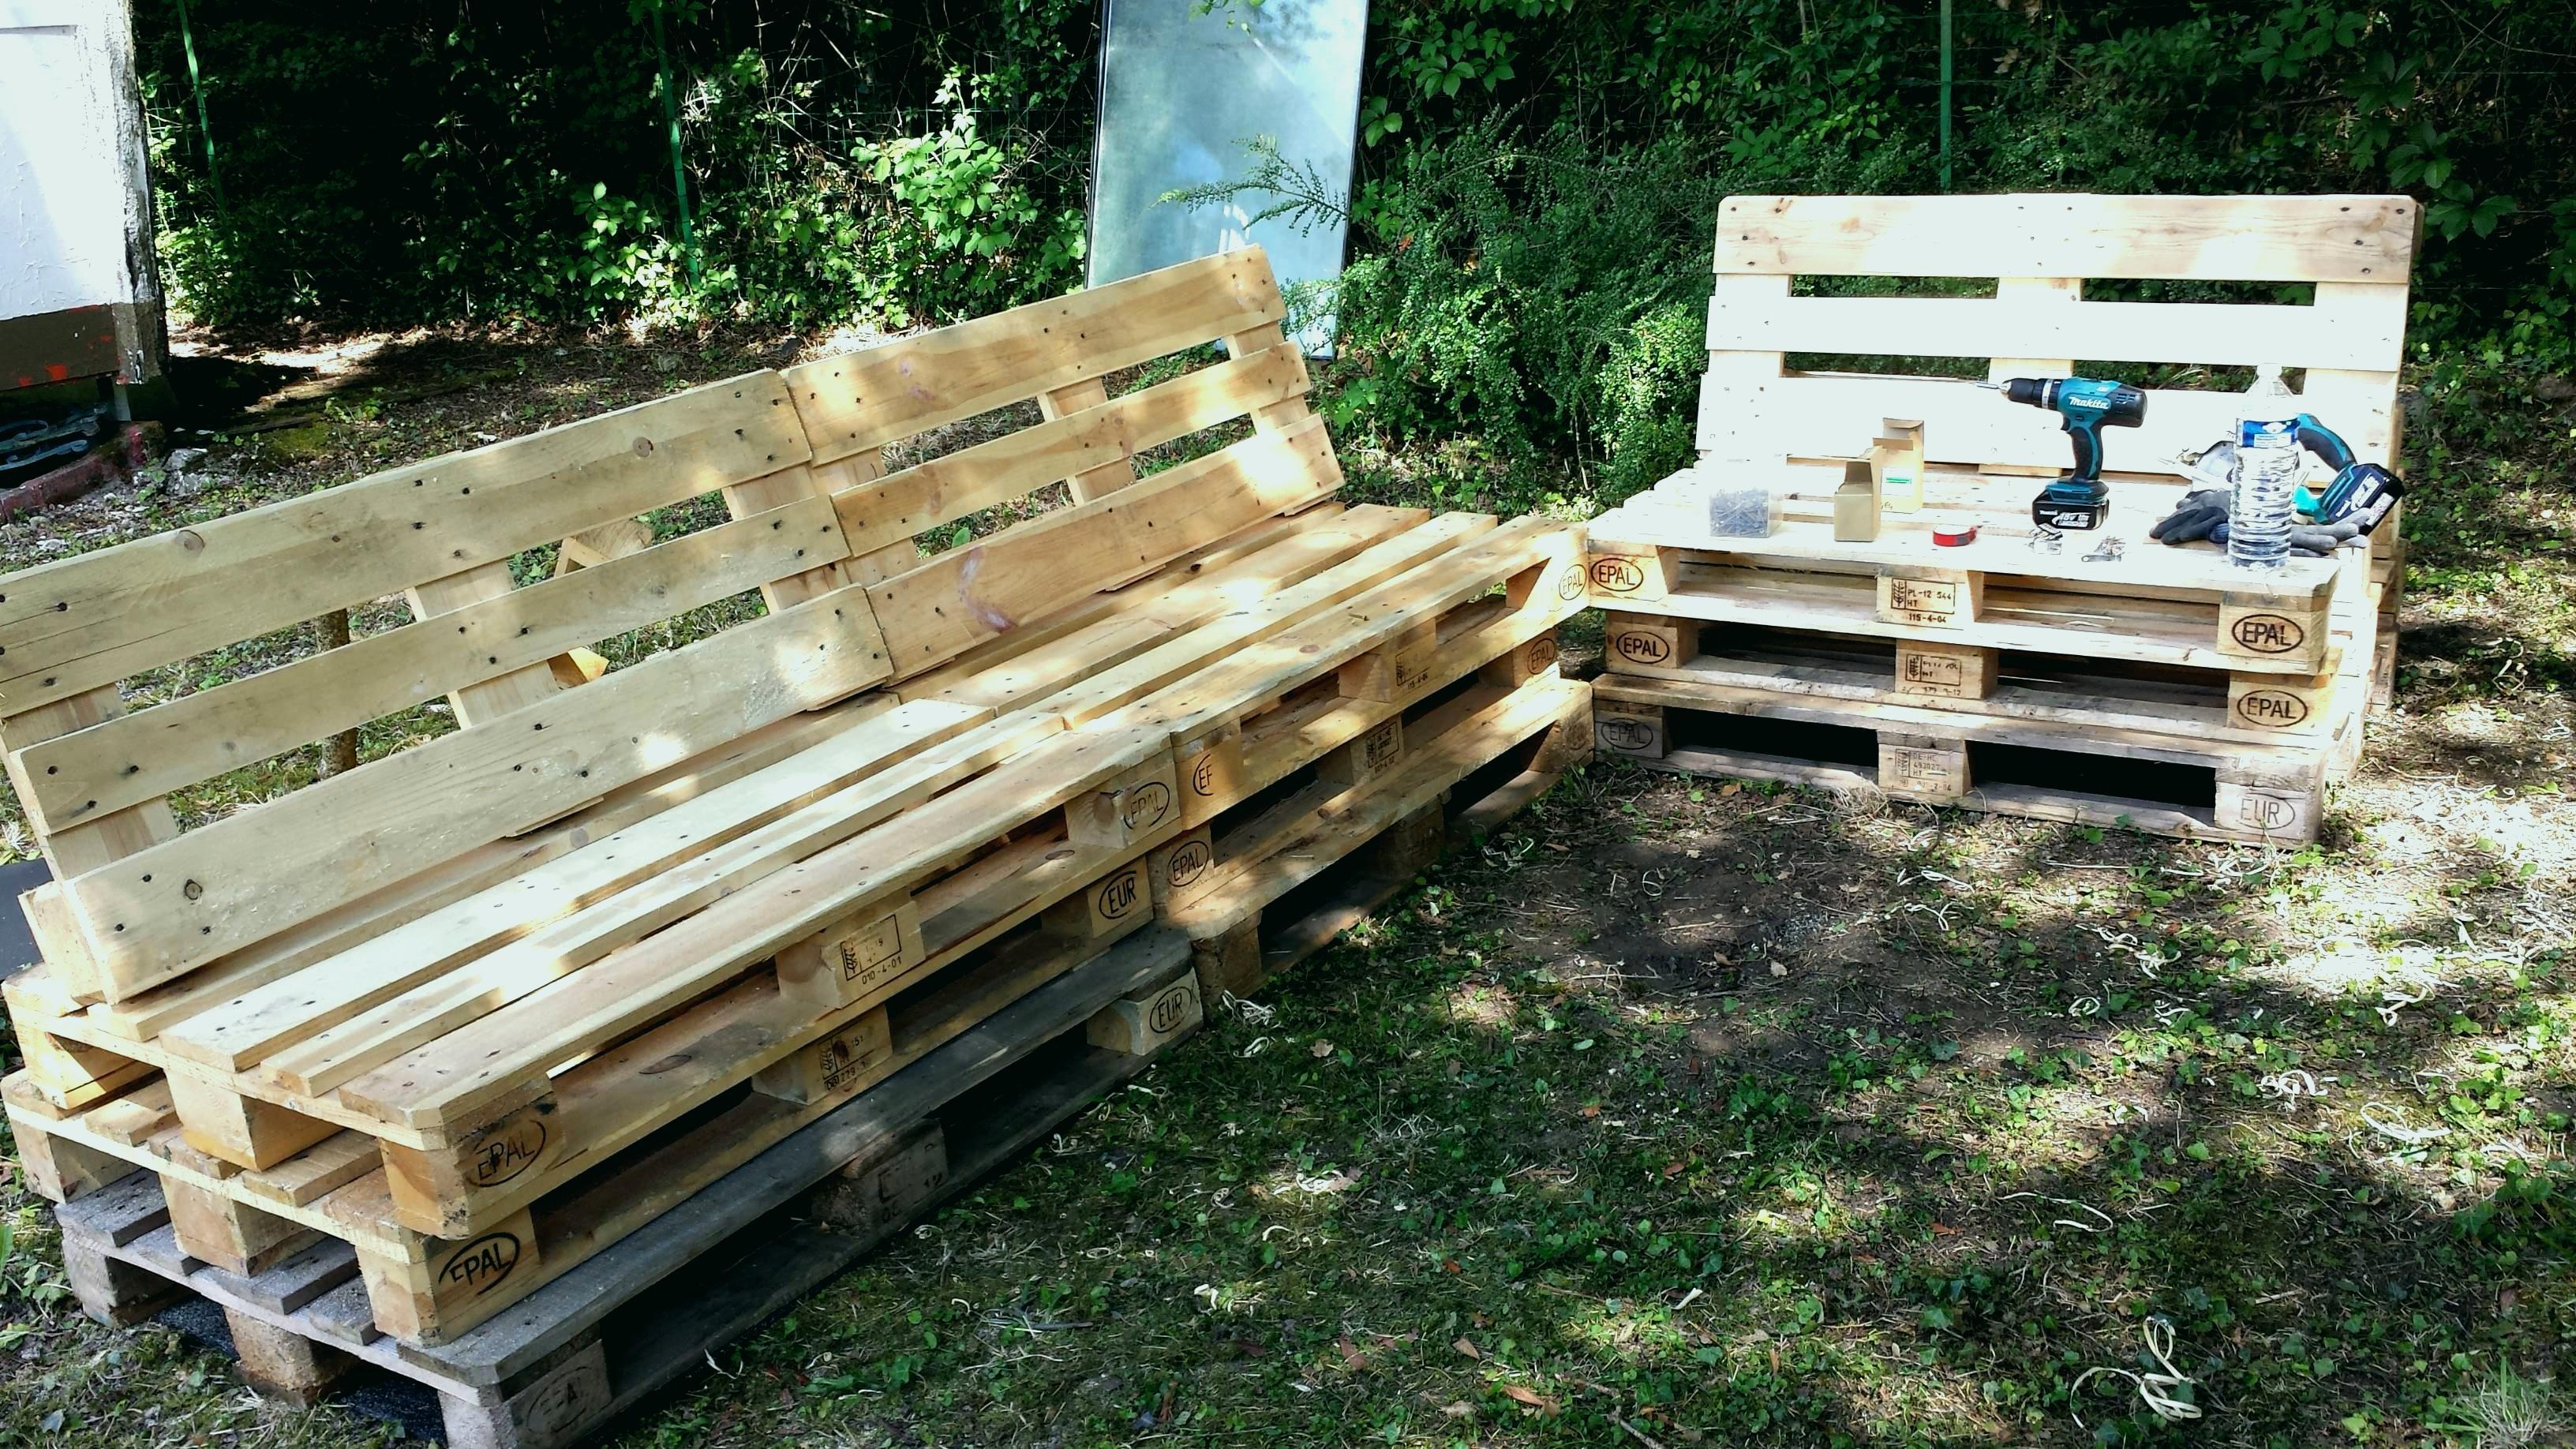 Salon de jardin en palette plan - Mailleraye.fr jardin